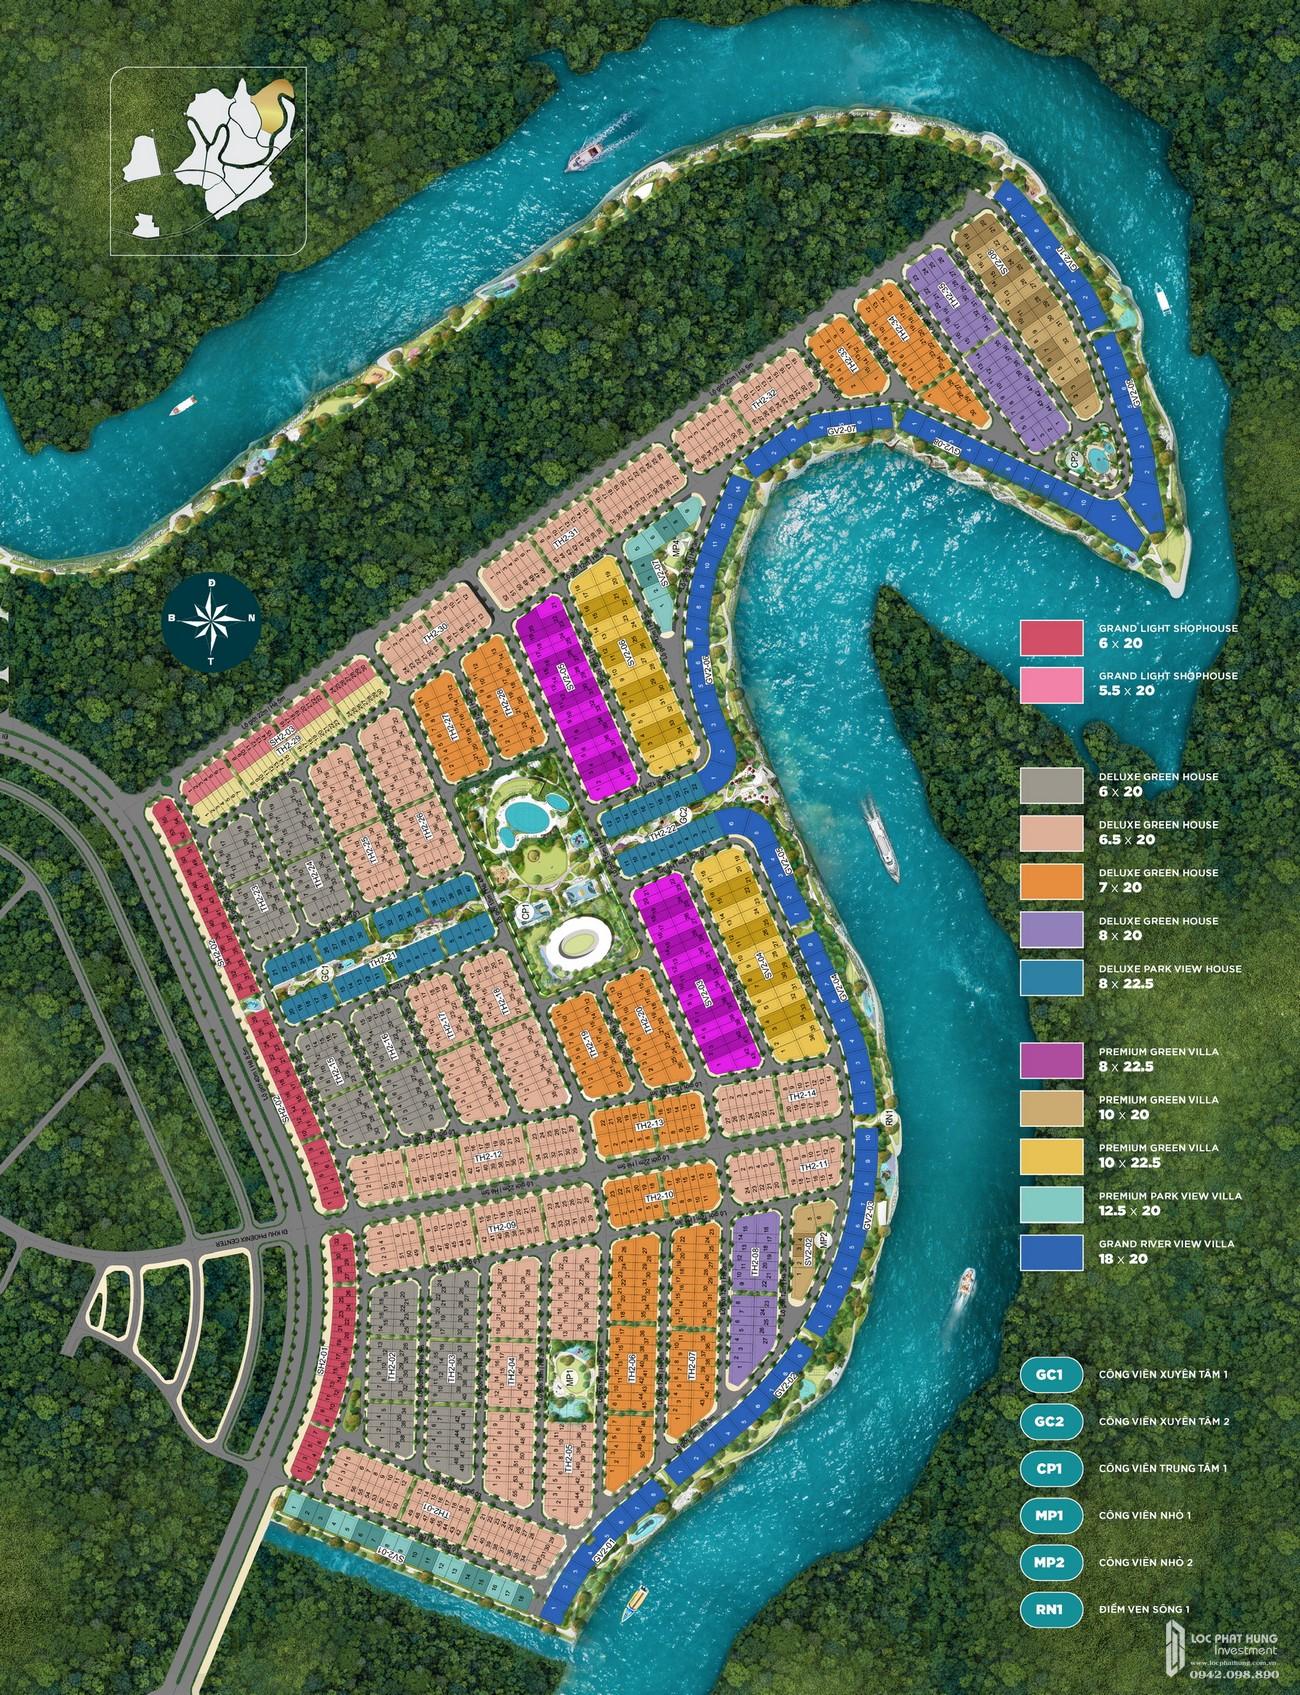 Mặt bằng tổng thể dự án Aqua City The Phoenix South nhà phát triển Novaland